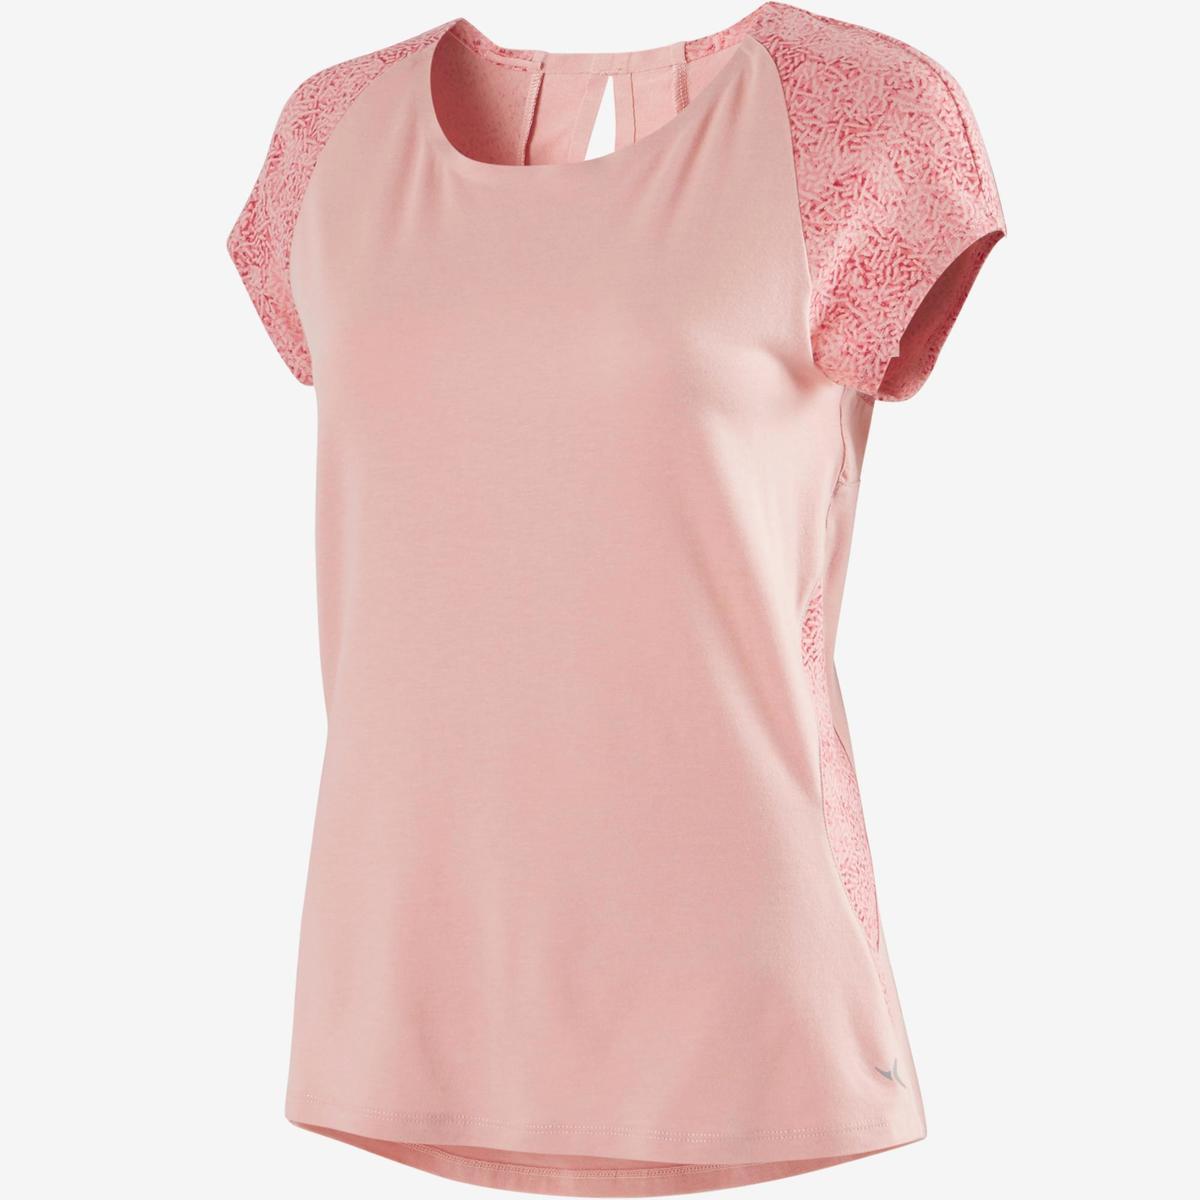 Bild 3 von T-Shirt 520 Pilates sanfte Gym Damen hellrosa